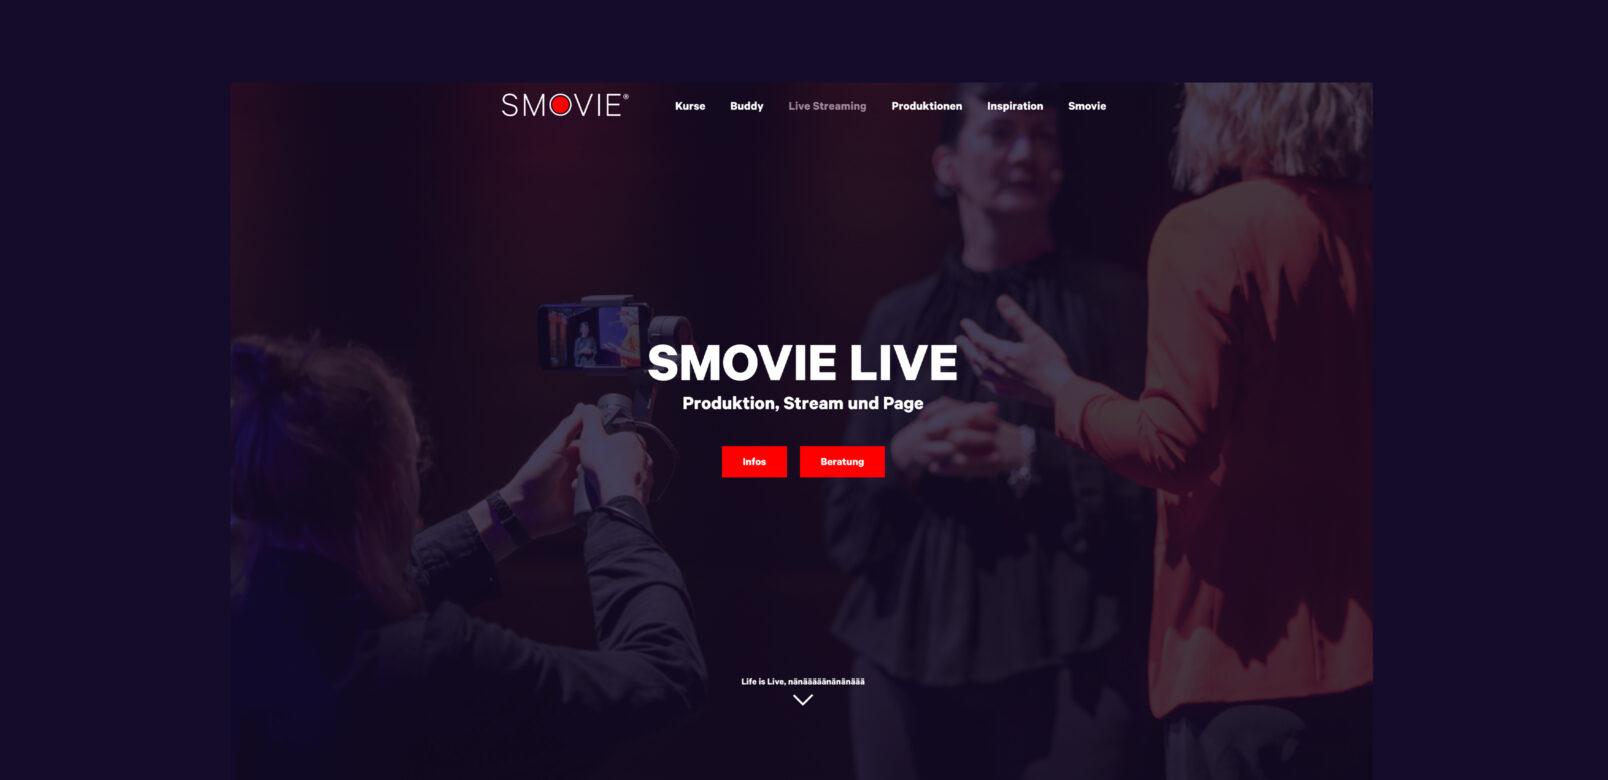 Smovie Live, Screenshot Website - Smovie Film GmbH, smovie.ch